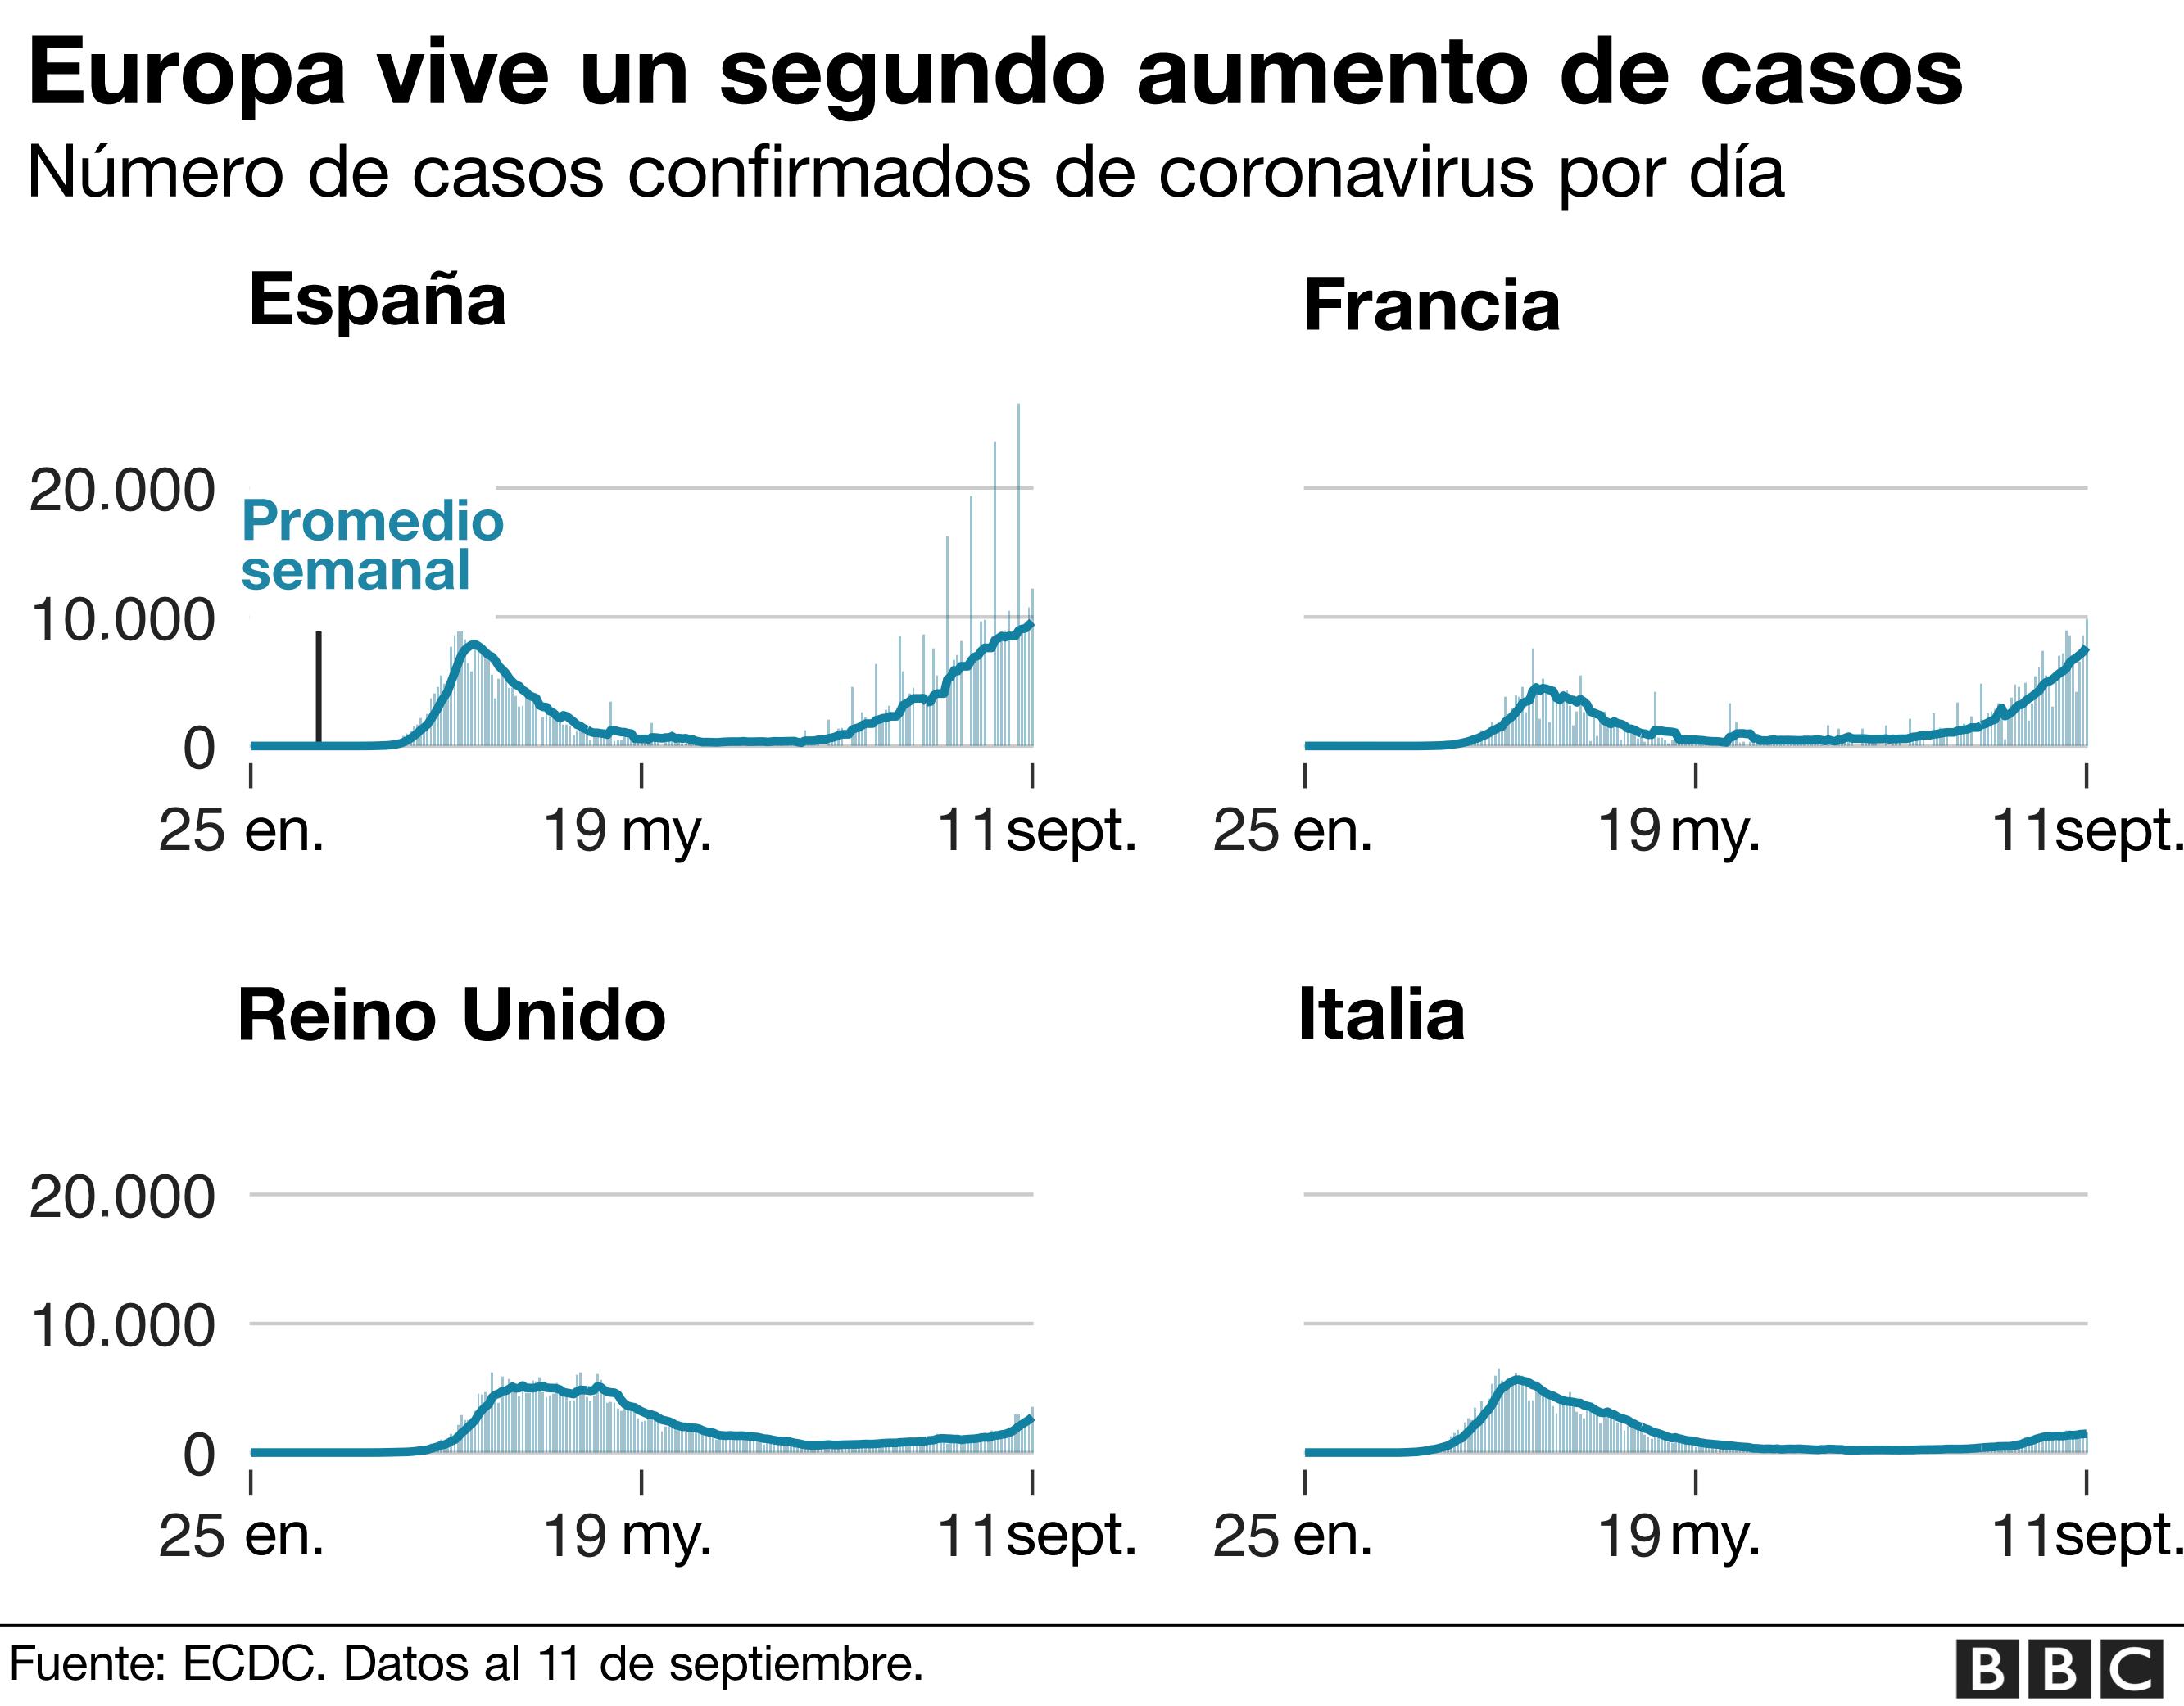 Europa vive en segundo aumento de casos.